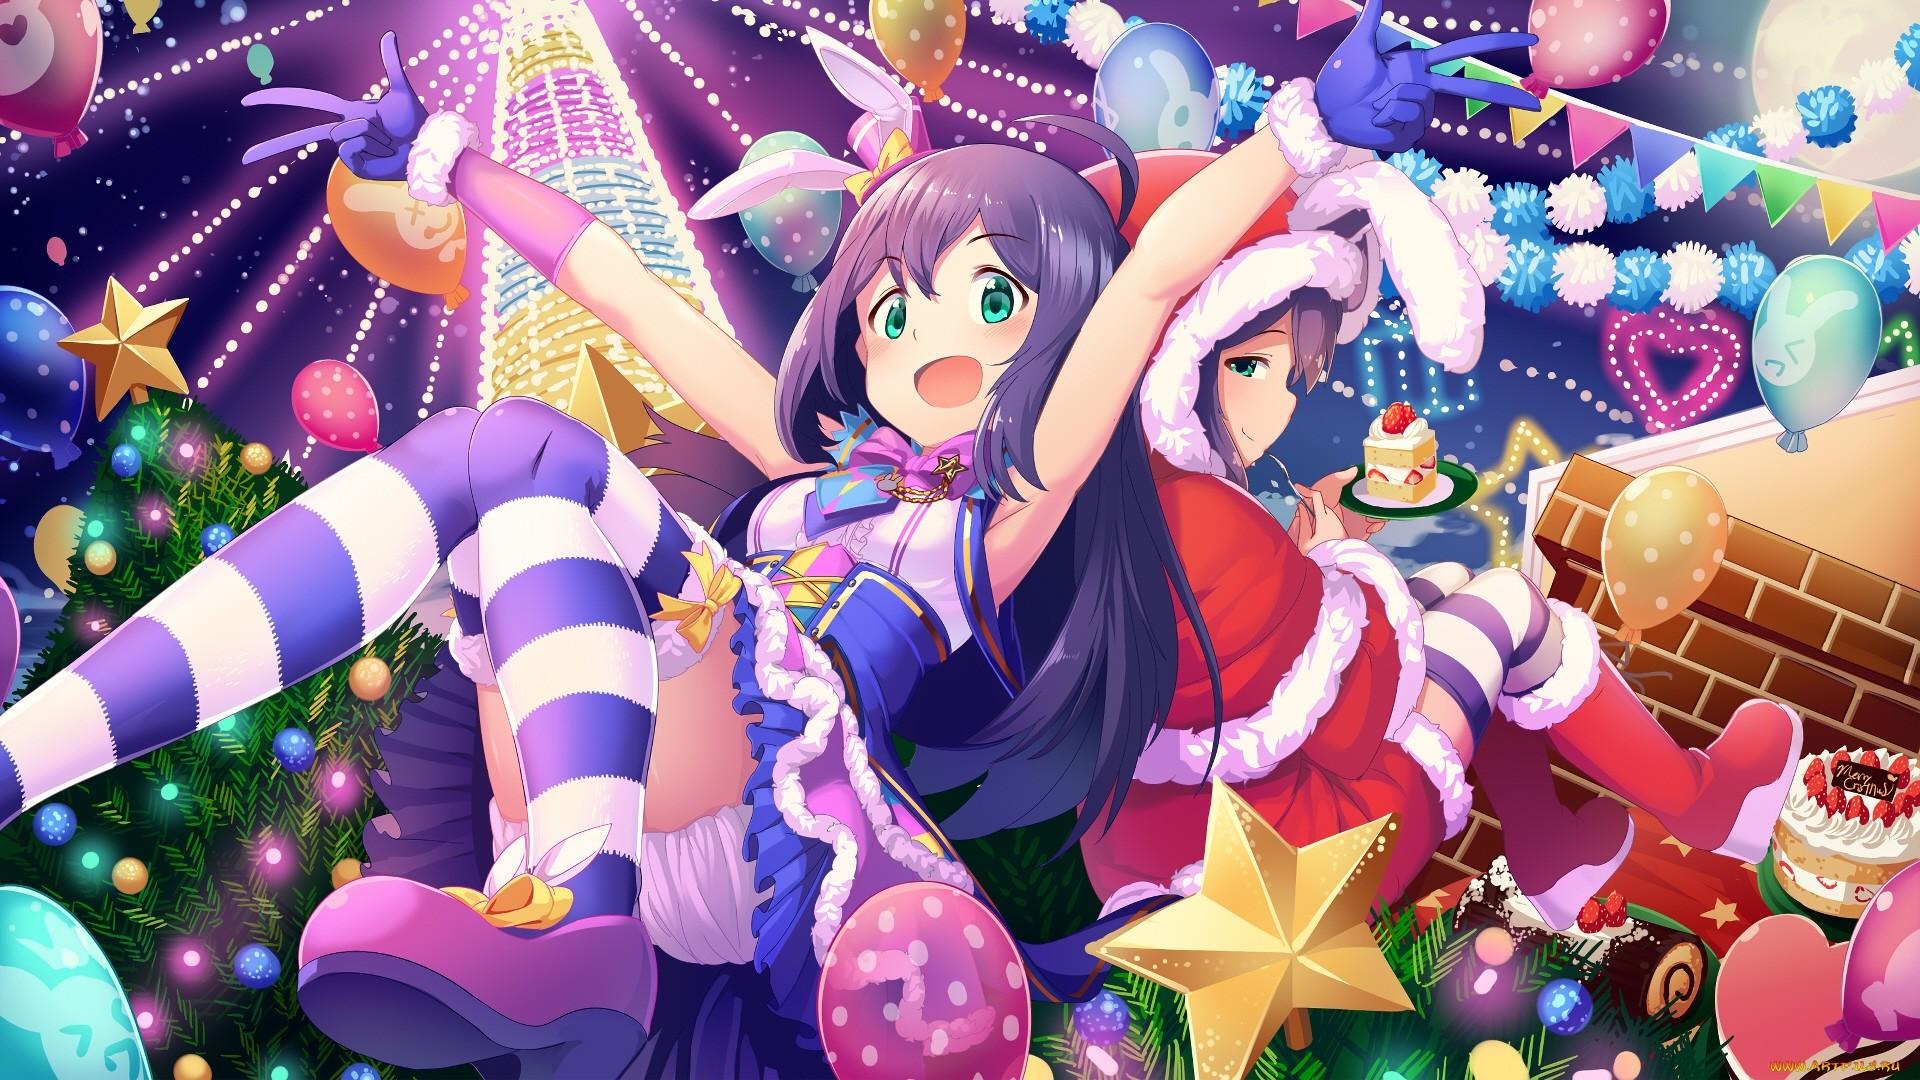 Christmas Anime Girl Wallpaper image hd